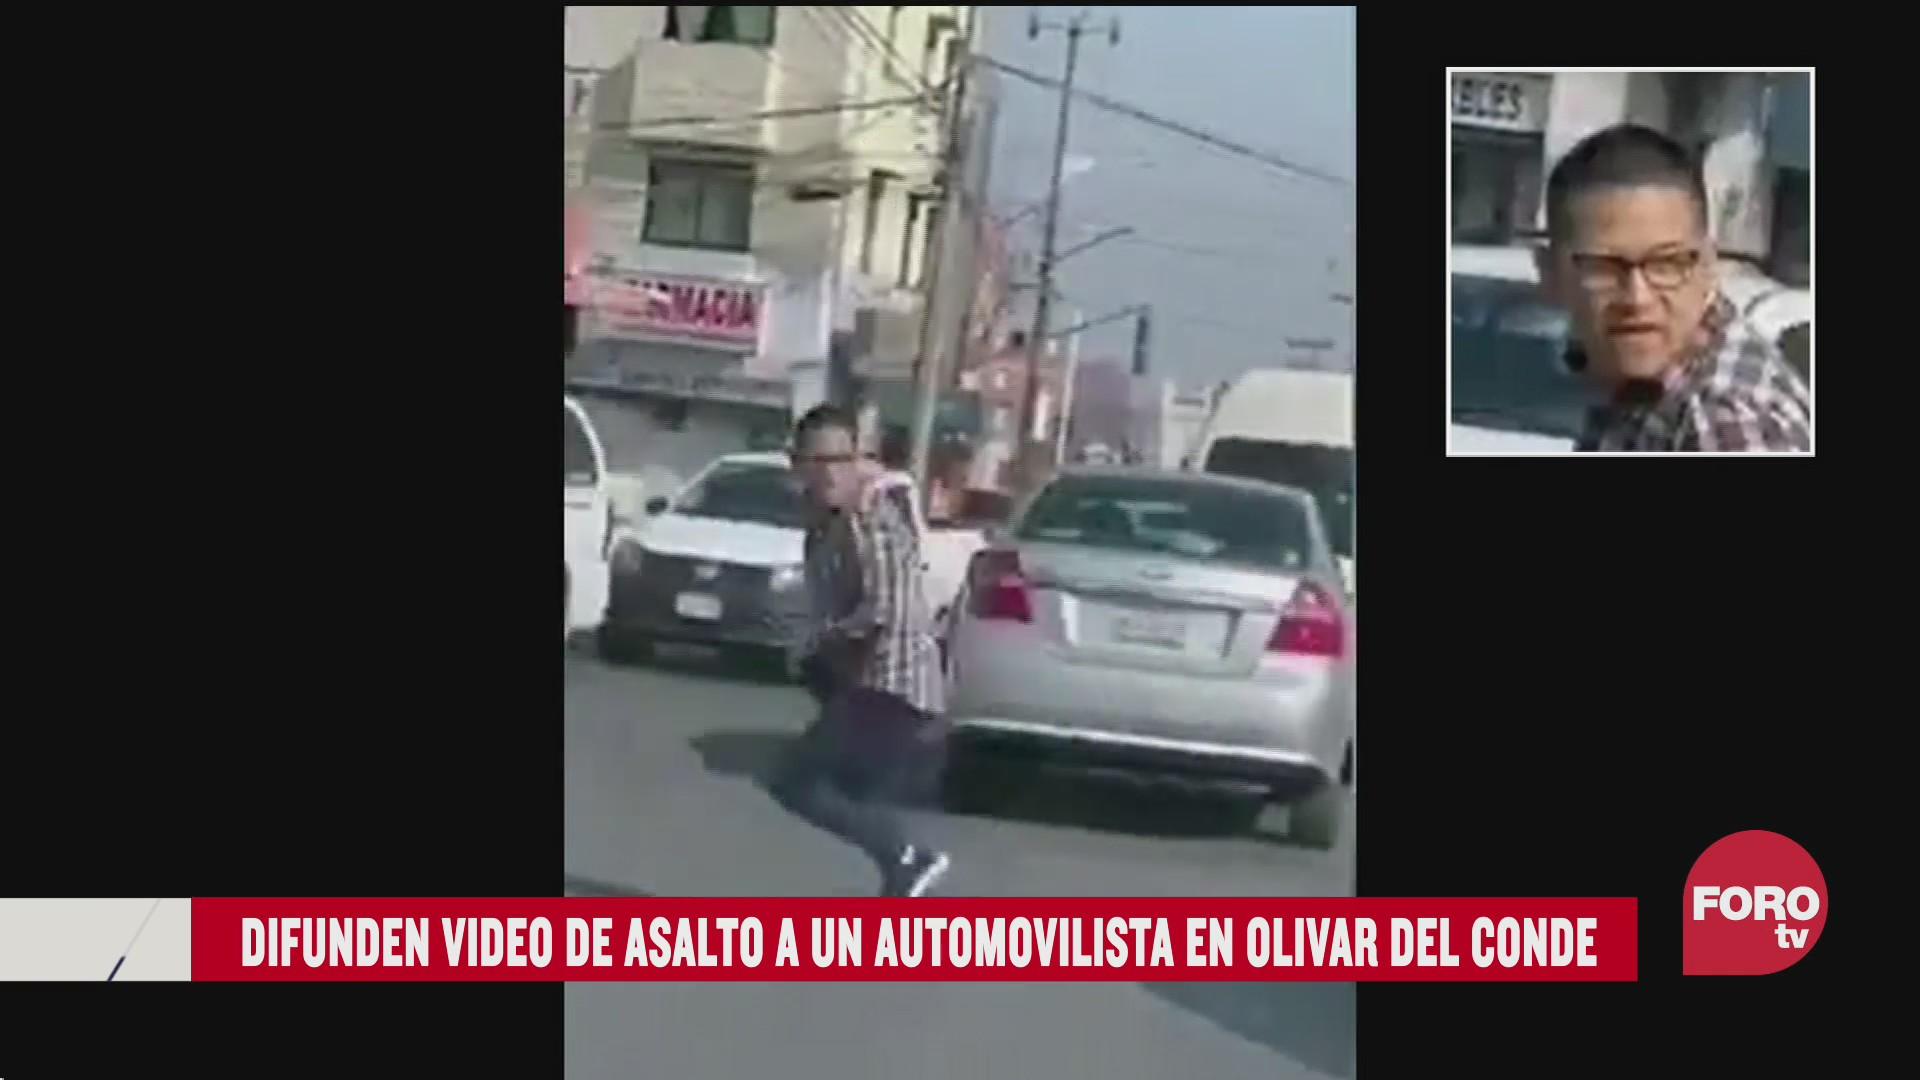 FOTO: 2 de agosto 2020, difunden en redes asalto a automovilista en alvaro obregon